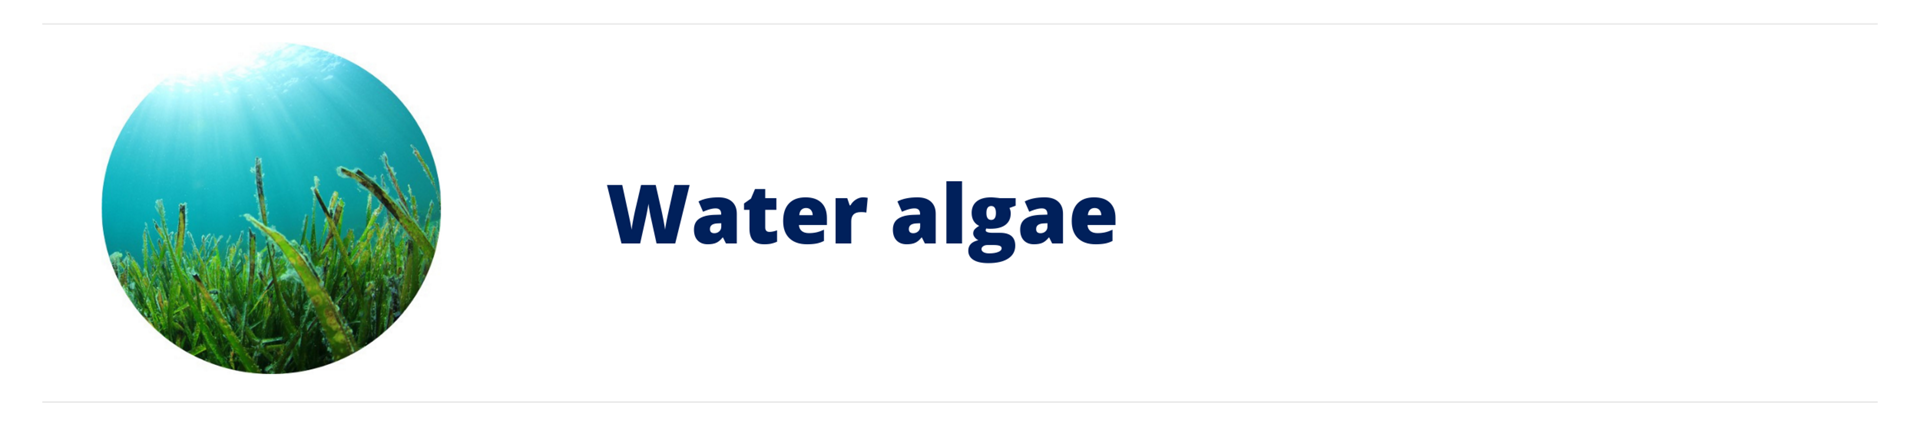 Water algae